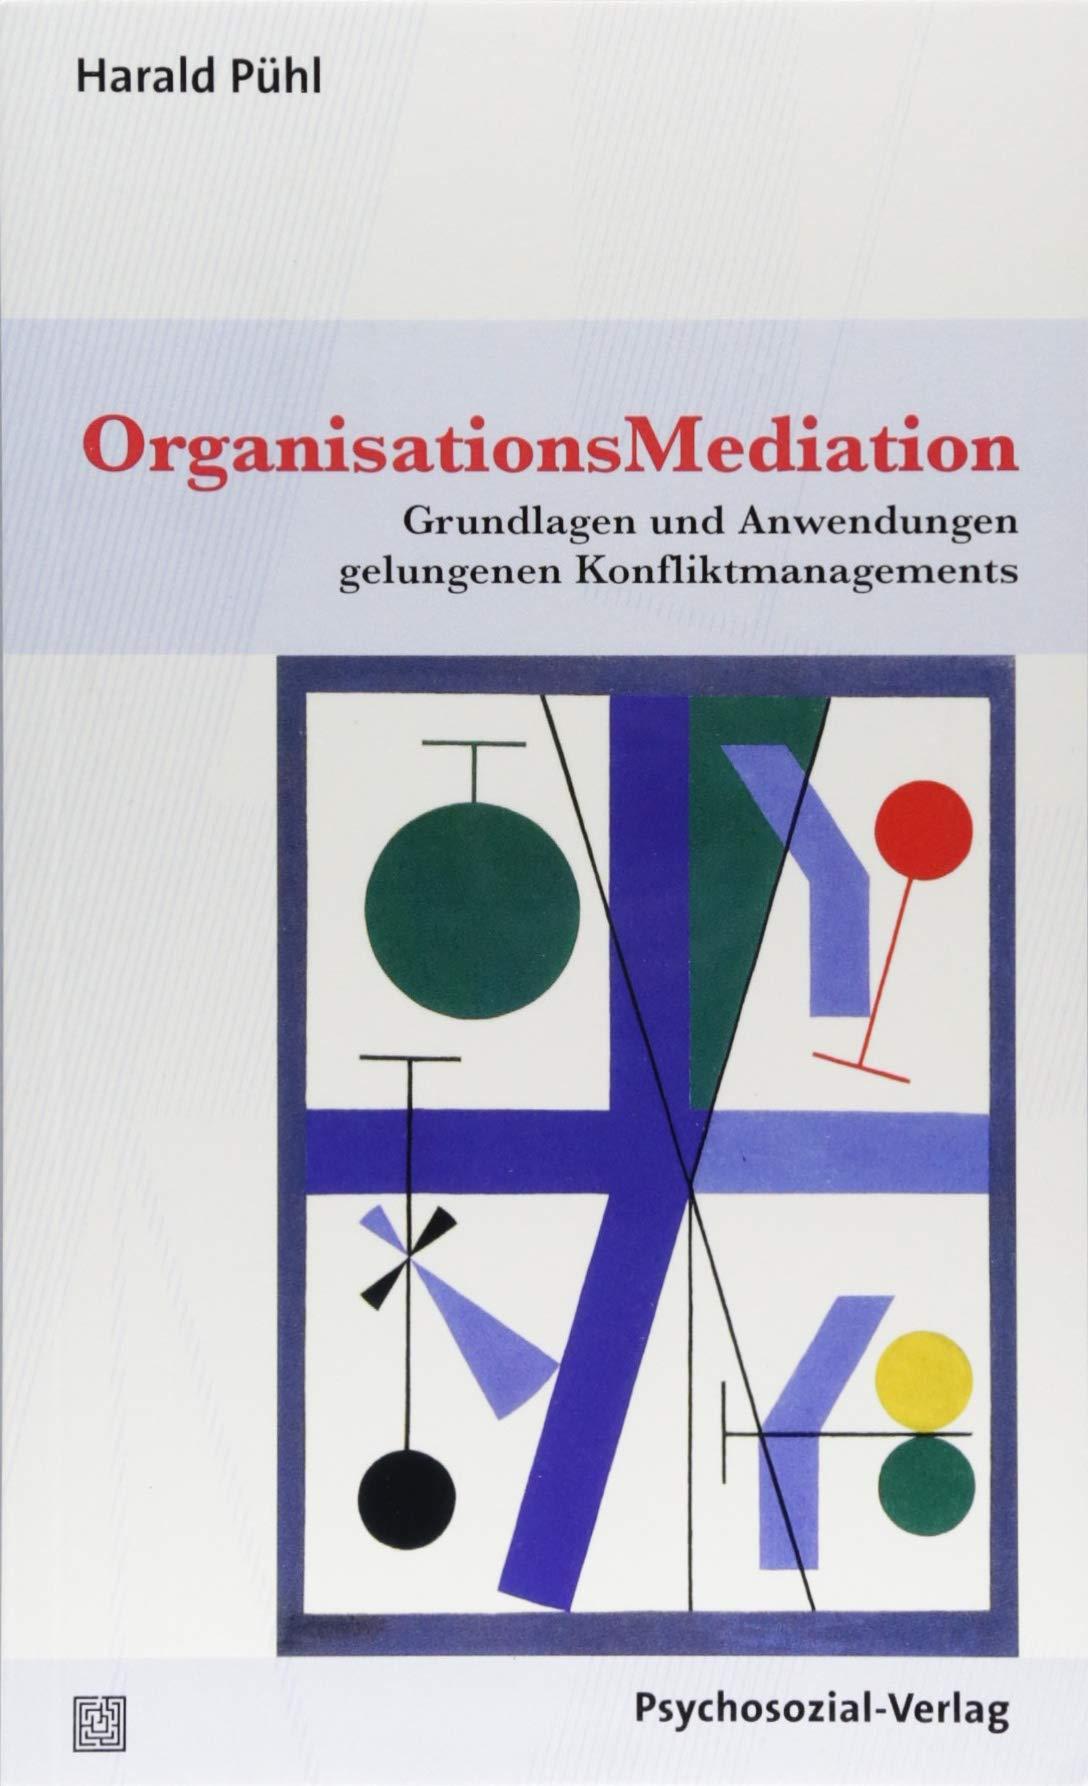 OrganisationsMediation: Grundlagen und Anwendungen gelungenen Konfliktmanagements (Therapie & Beratung)